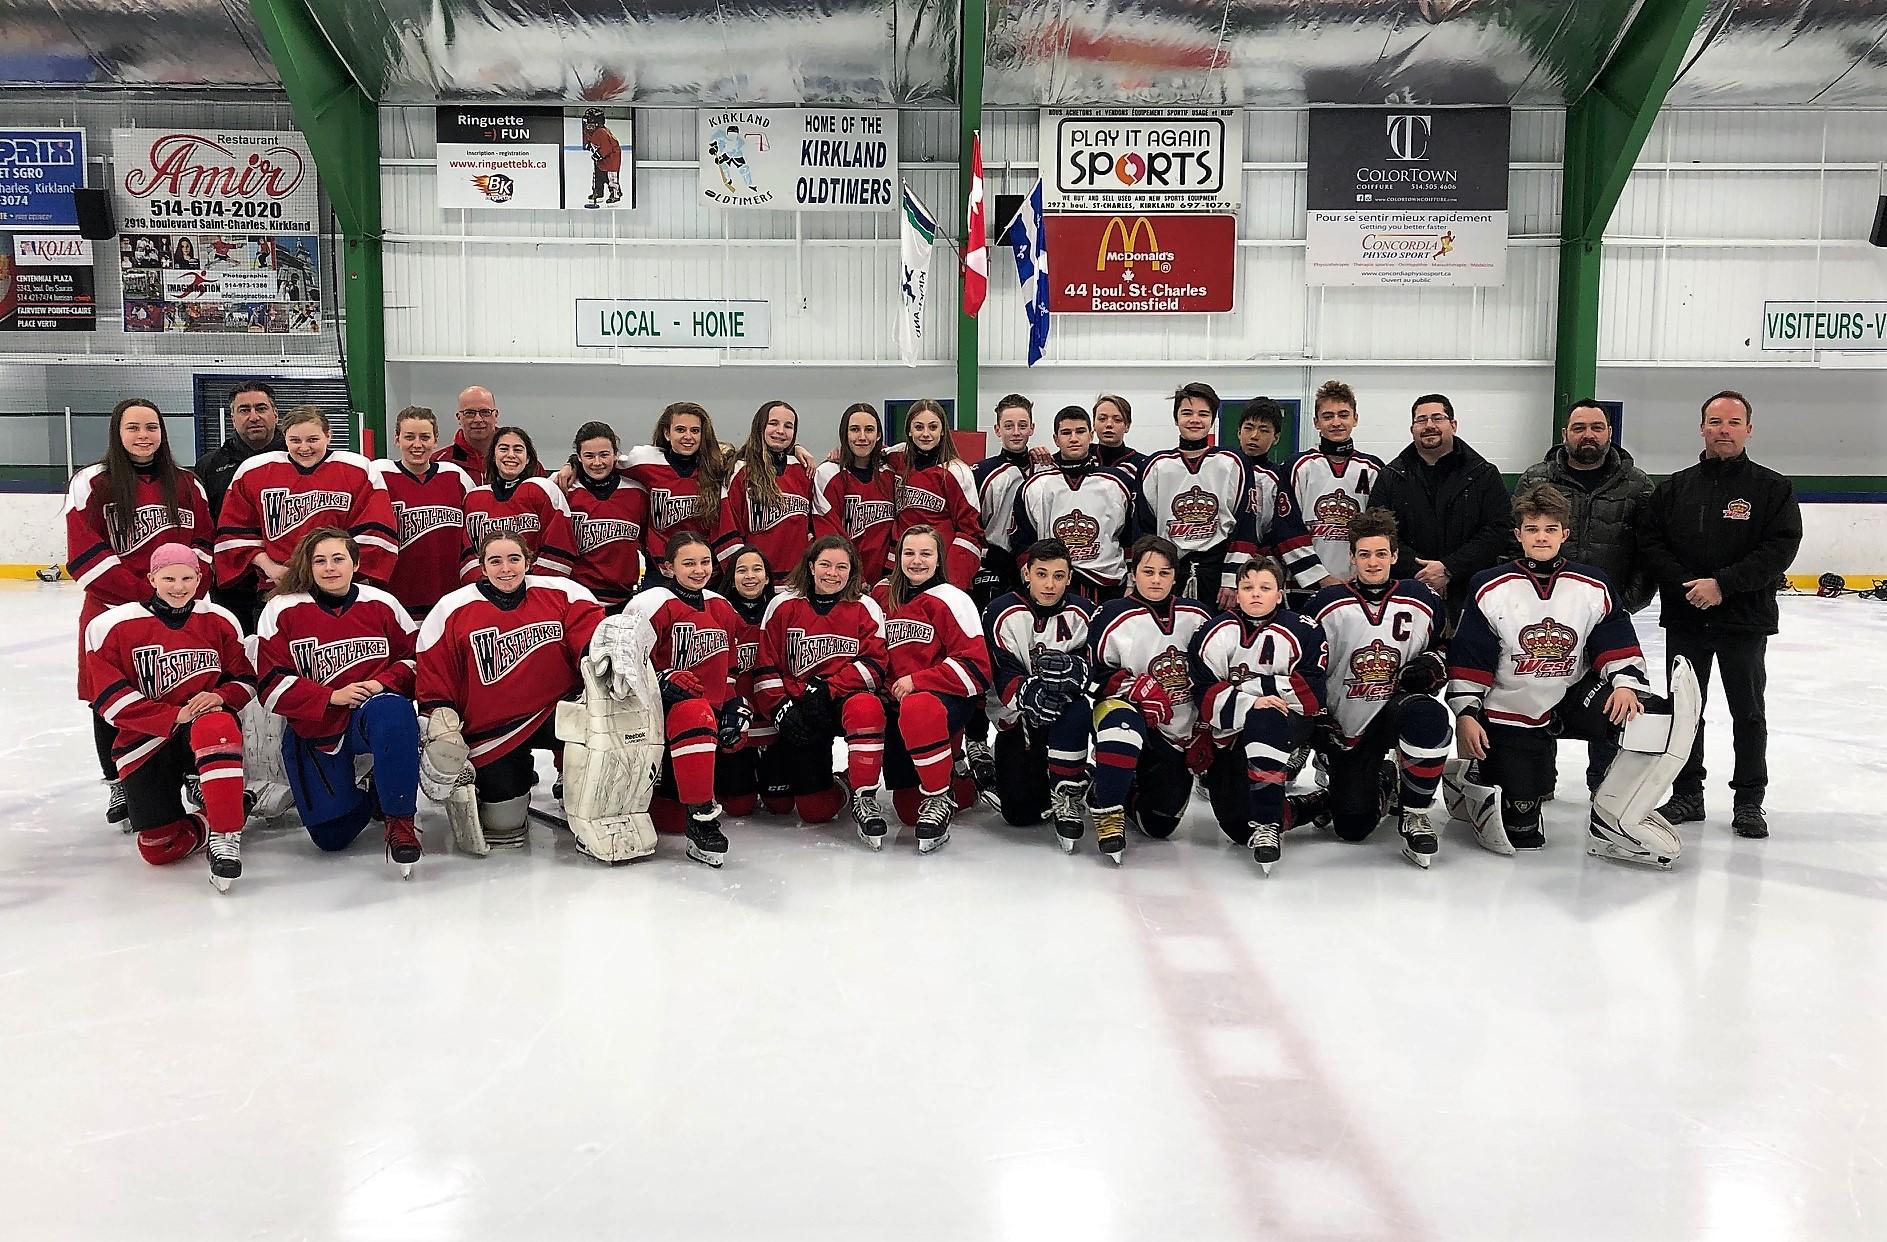 https://www.hockeywestisland.org/wp-content/uploads/2019/03/IMG_6136.jpg